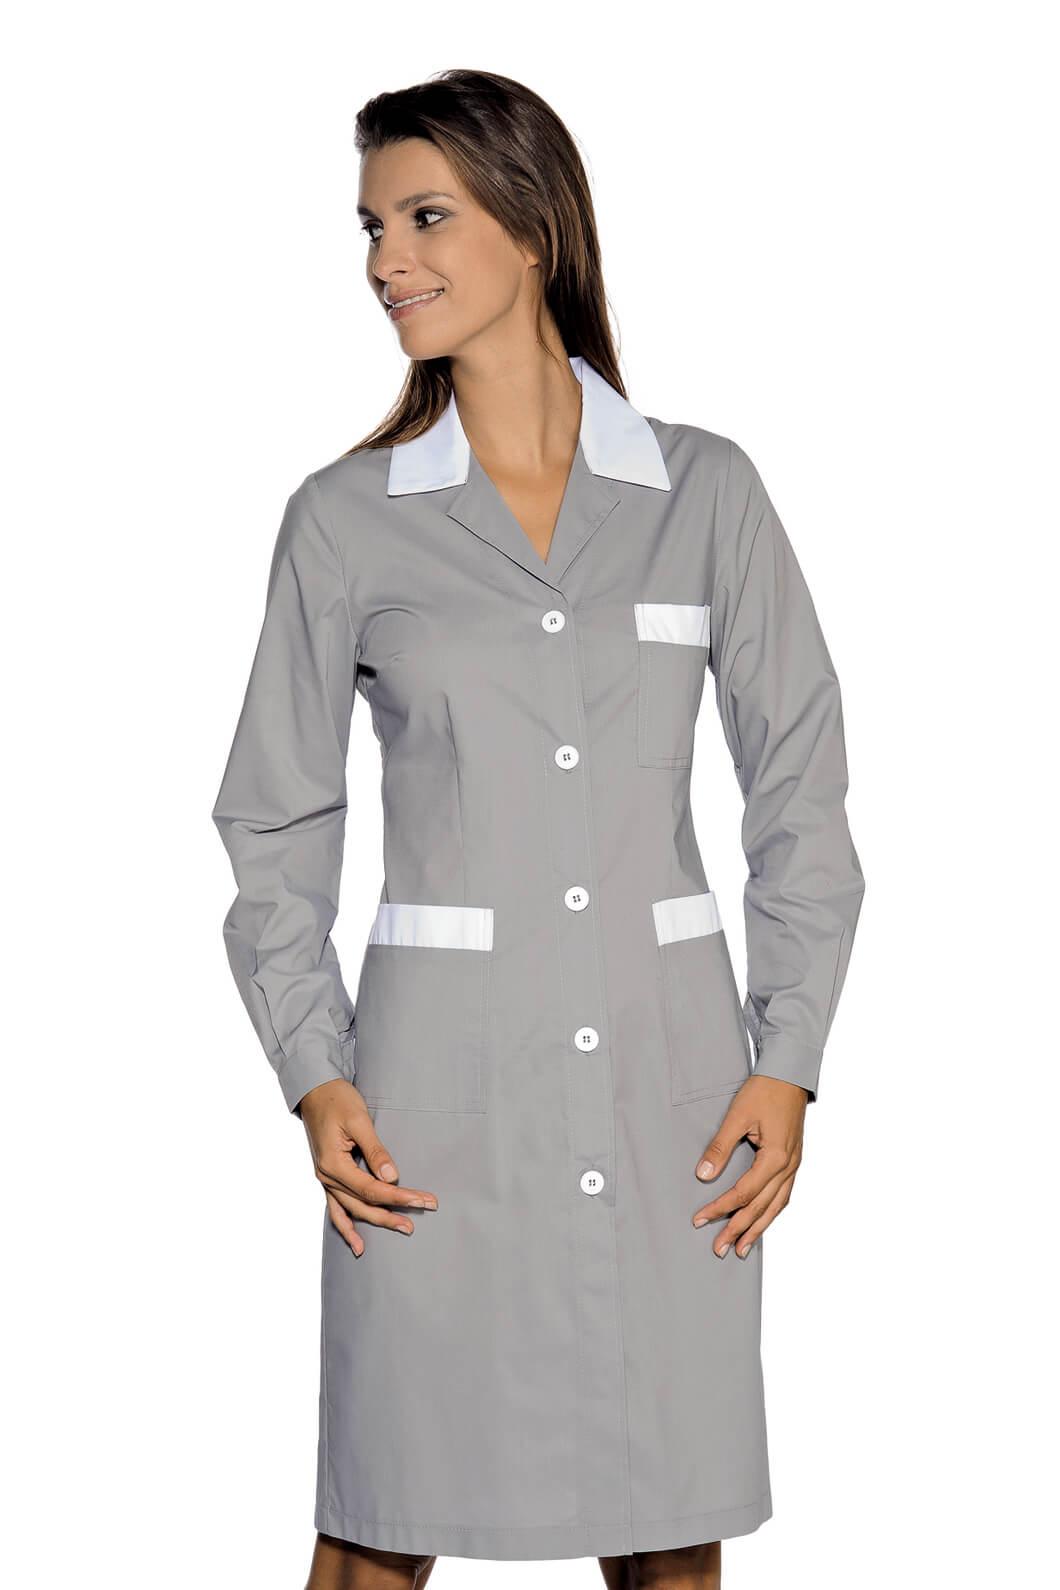 blouse de travail manches longues positano gris blanc. Black Bedroom Furniture Sets. Home Design Ideas